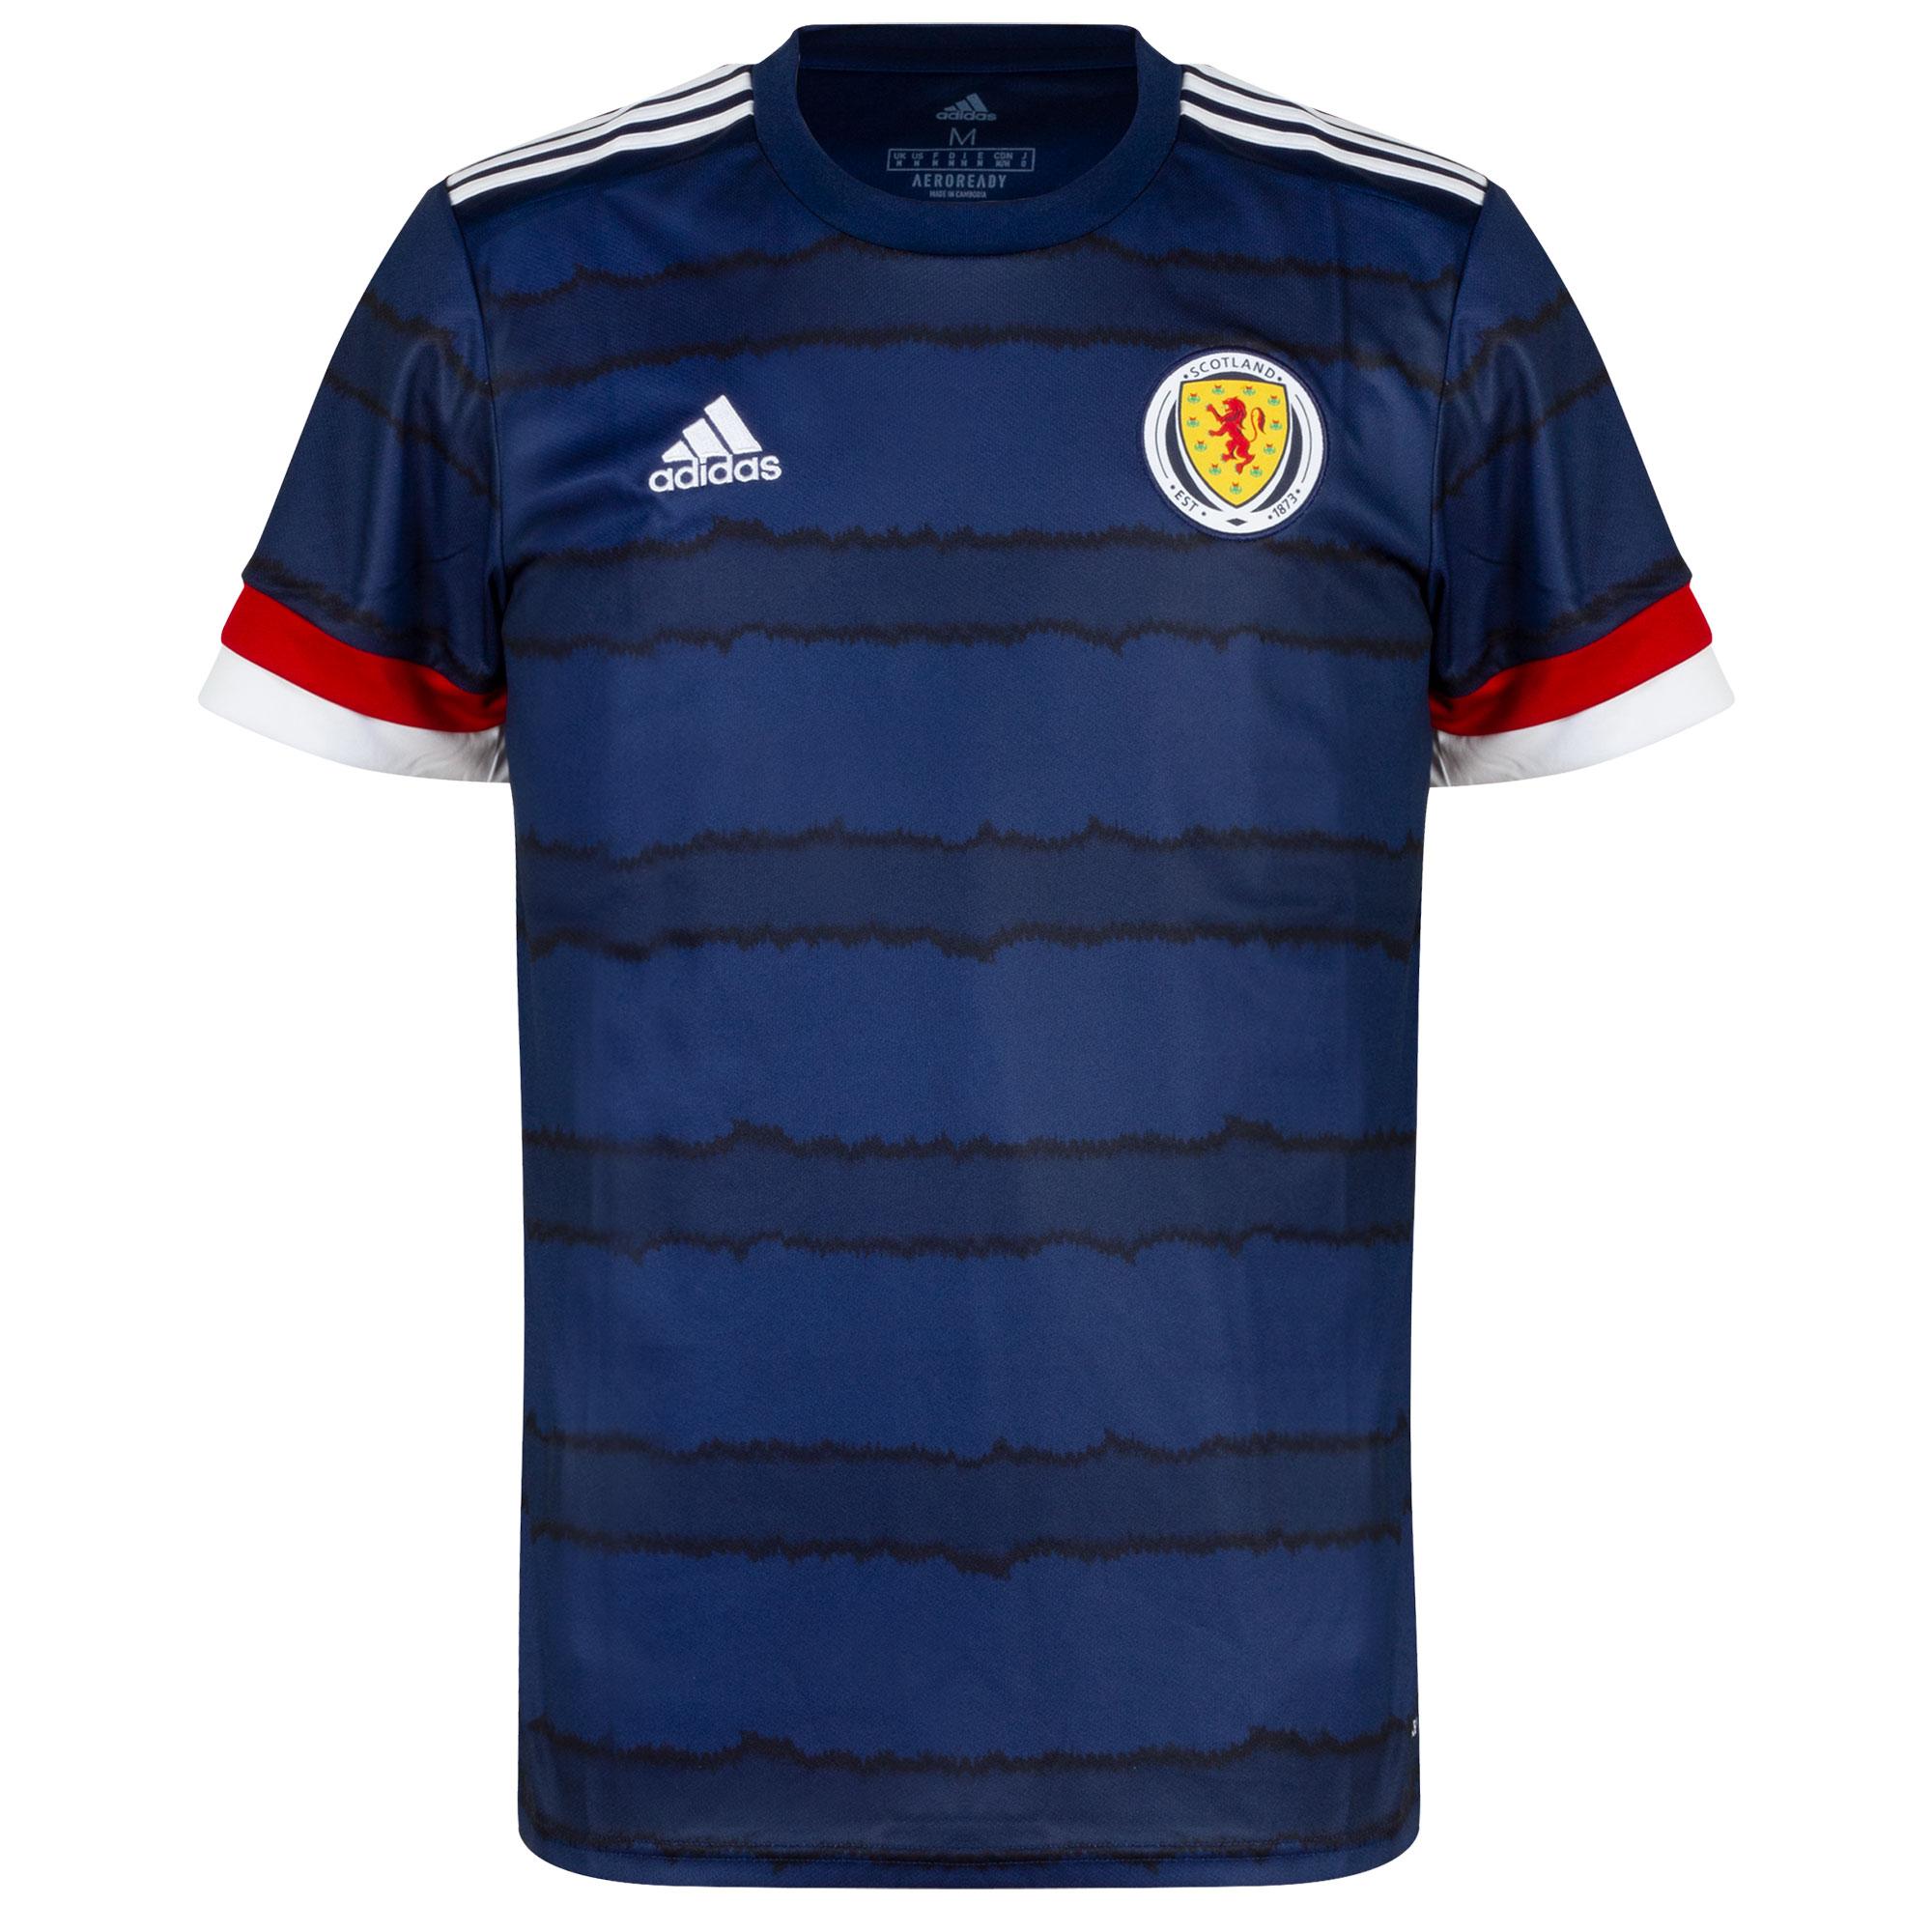 adidas Scotland Home Shirt 2020-2021